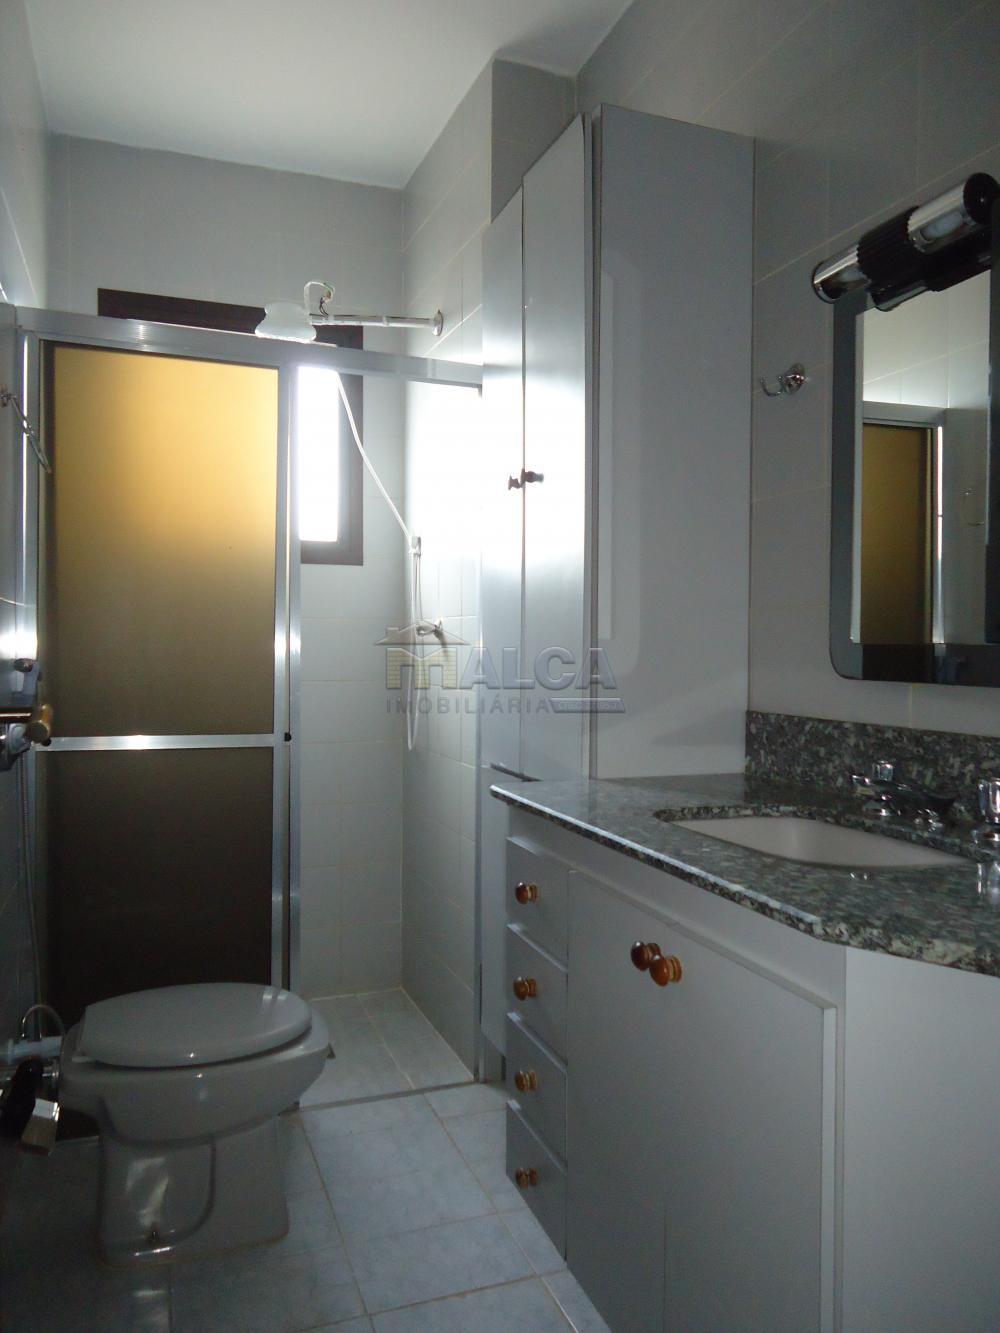 Alugar Apartamentos / Condomínio em São José do Rio Pardo apenas R$ 650,00 - Foto 15